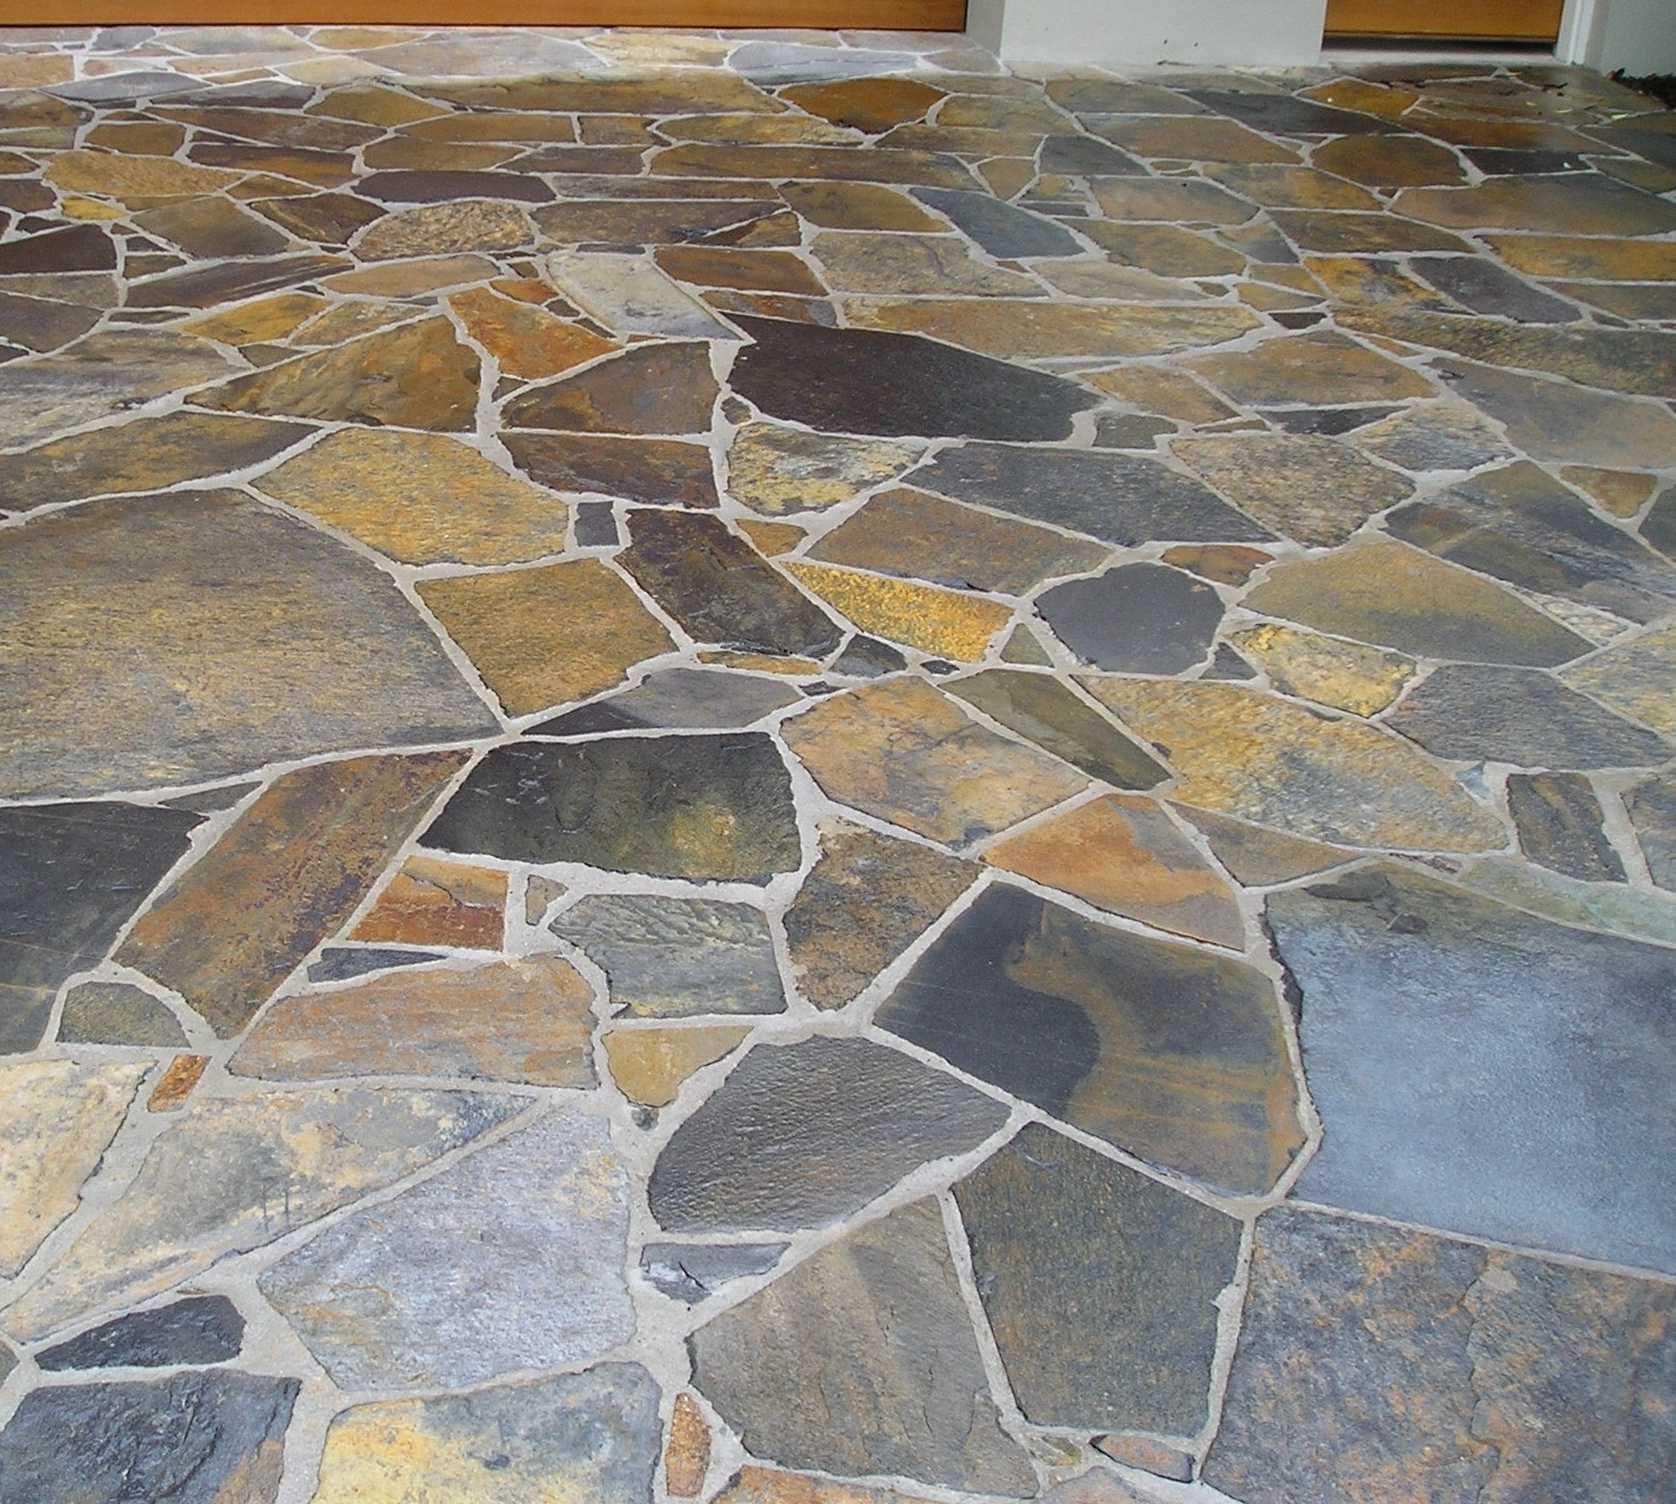 Stone Paving Stones : Paving stone